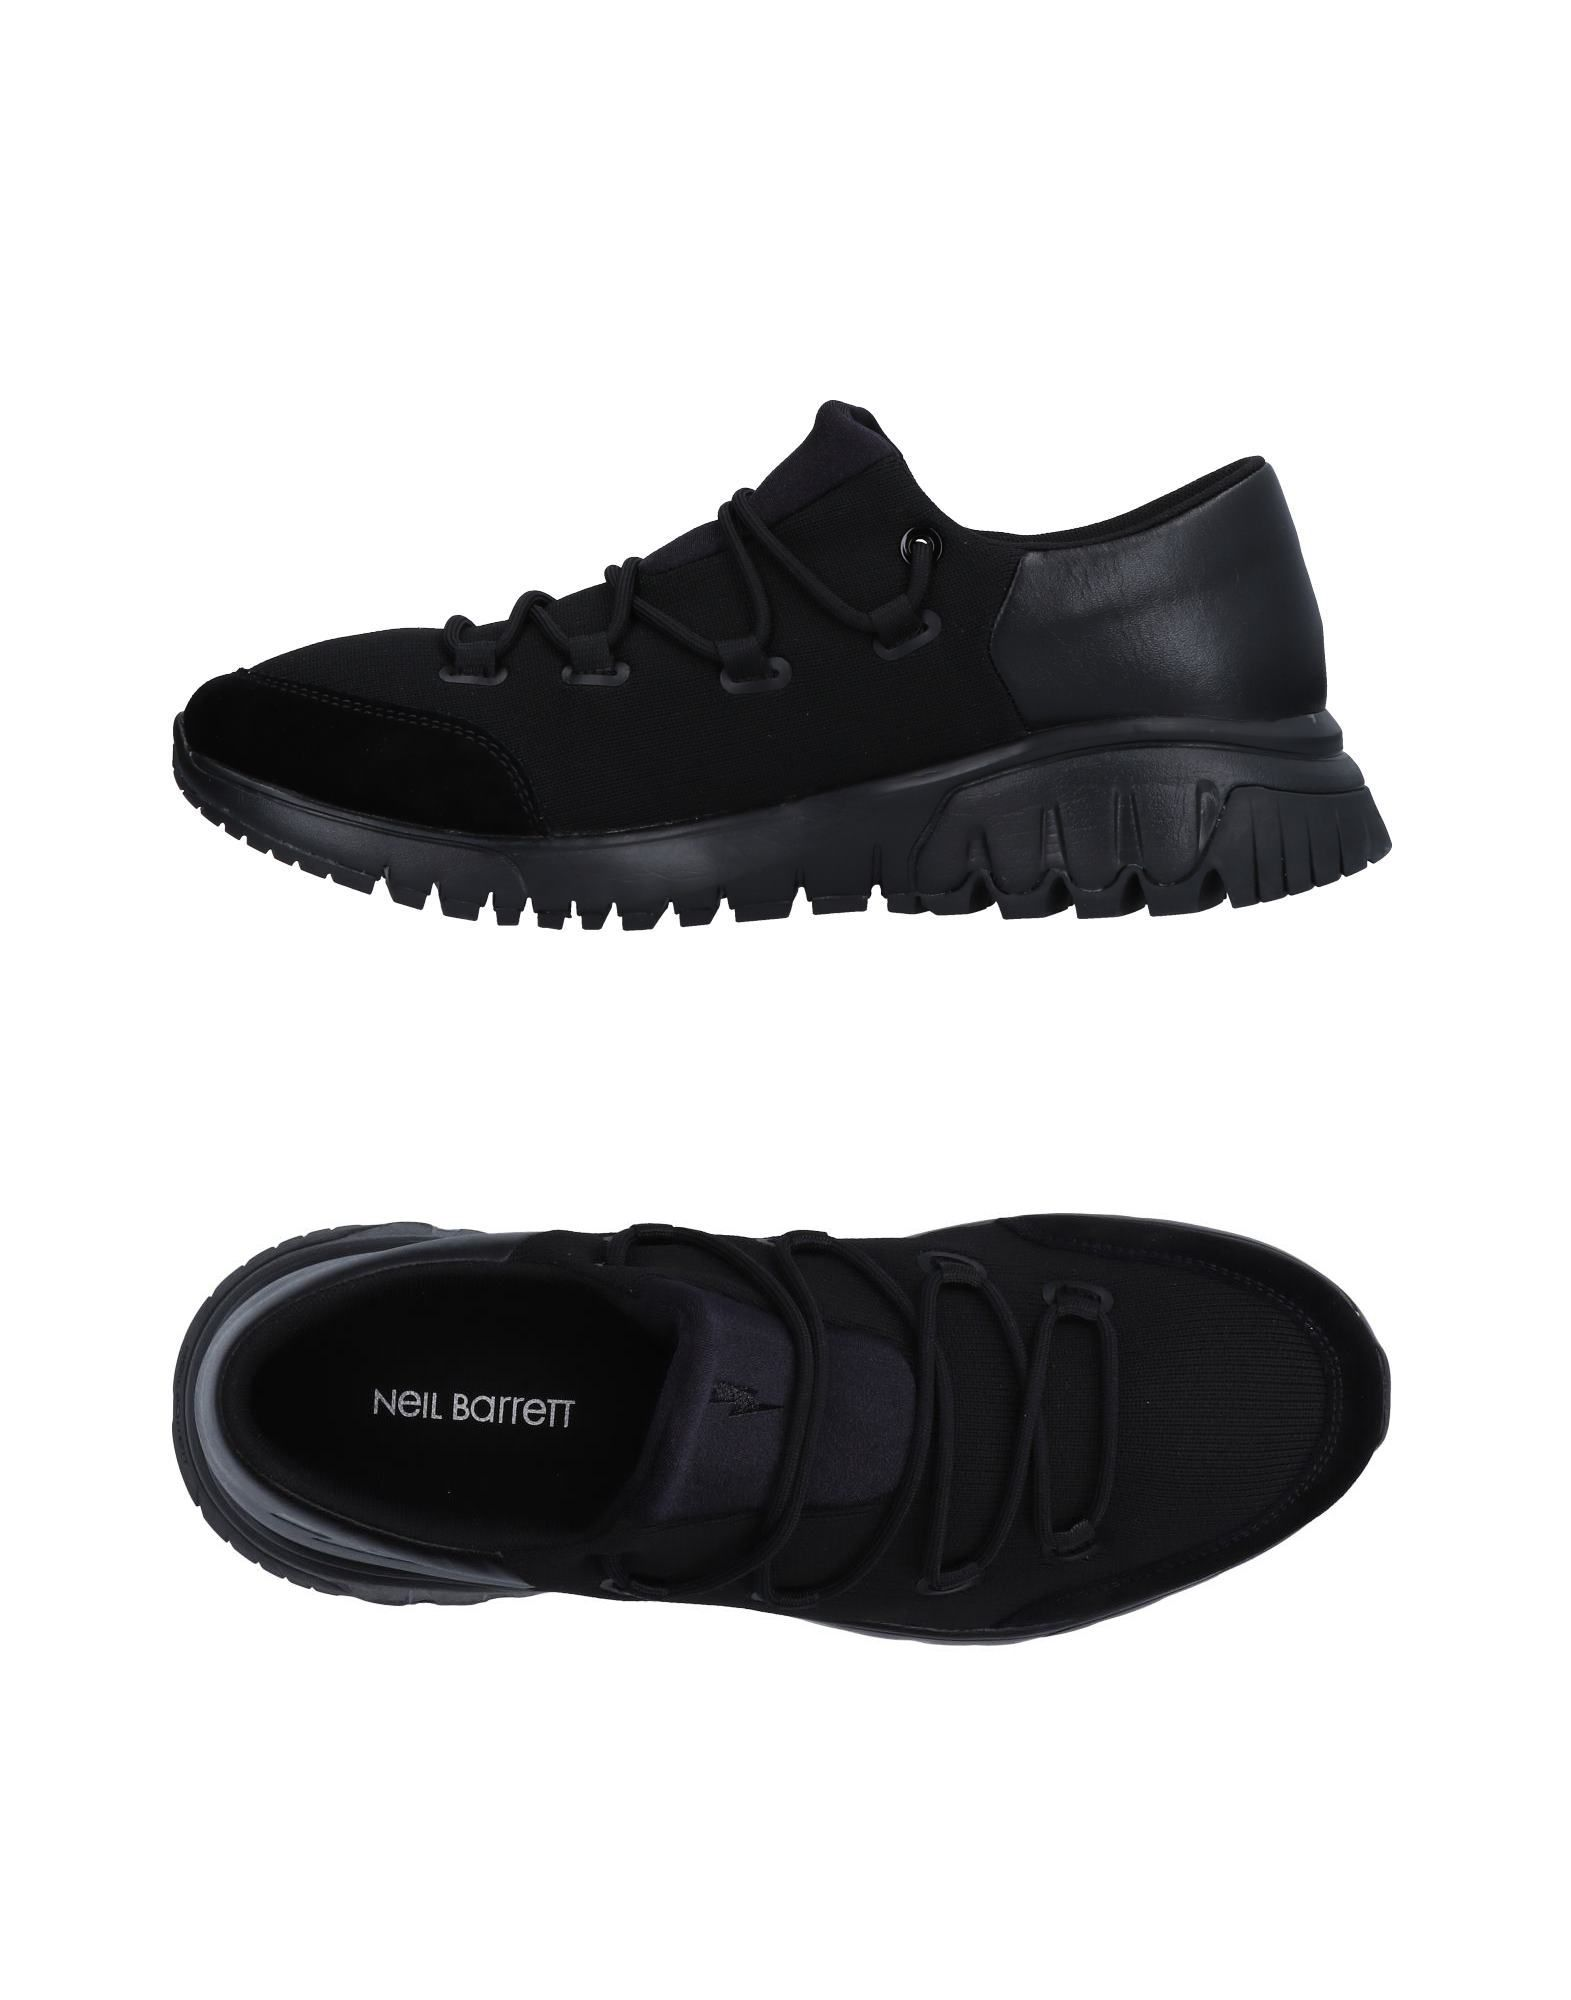 Neil Barrett Sneakers Herren  11522638KF Neue Schuhe